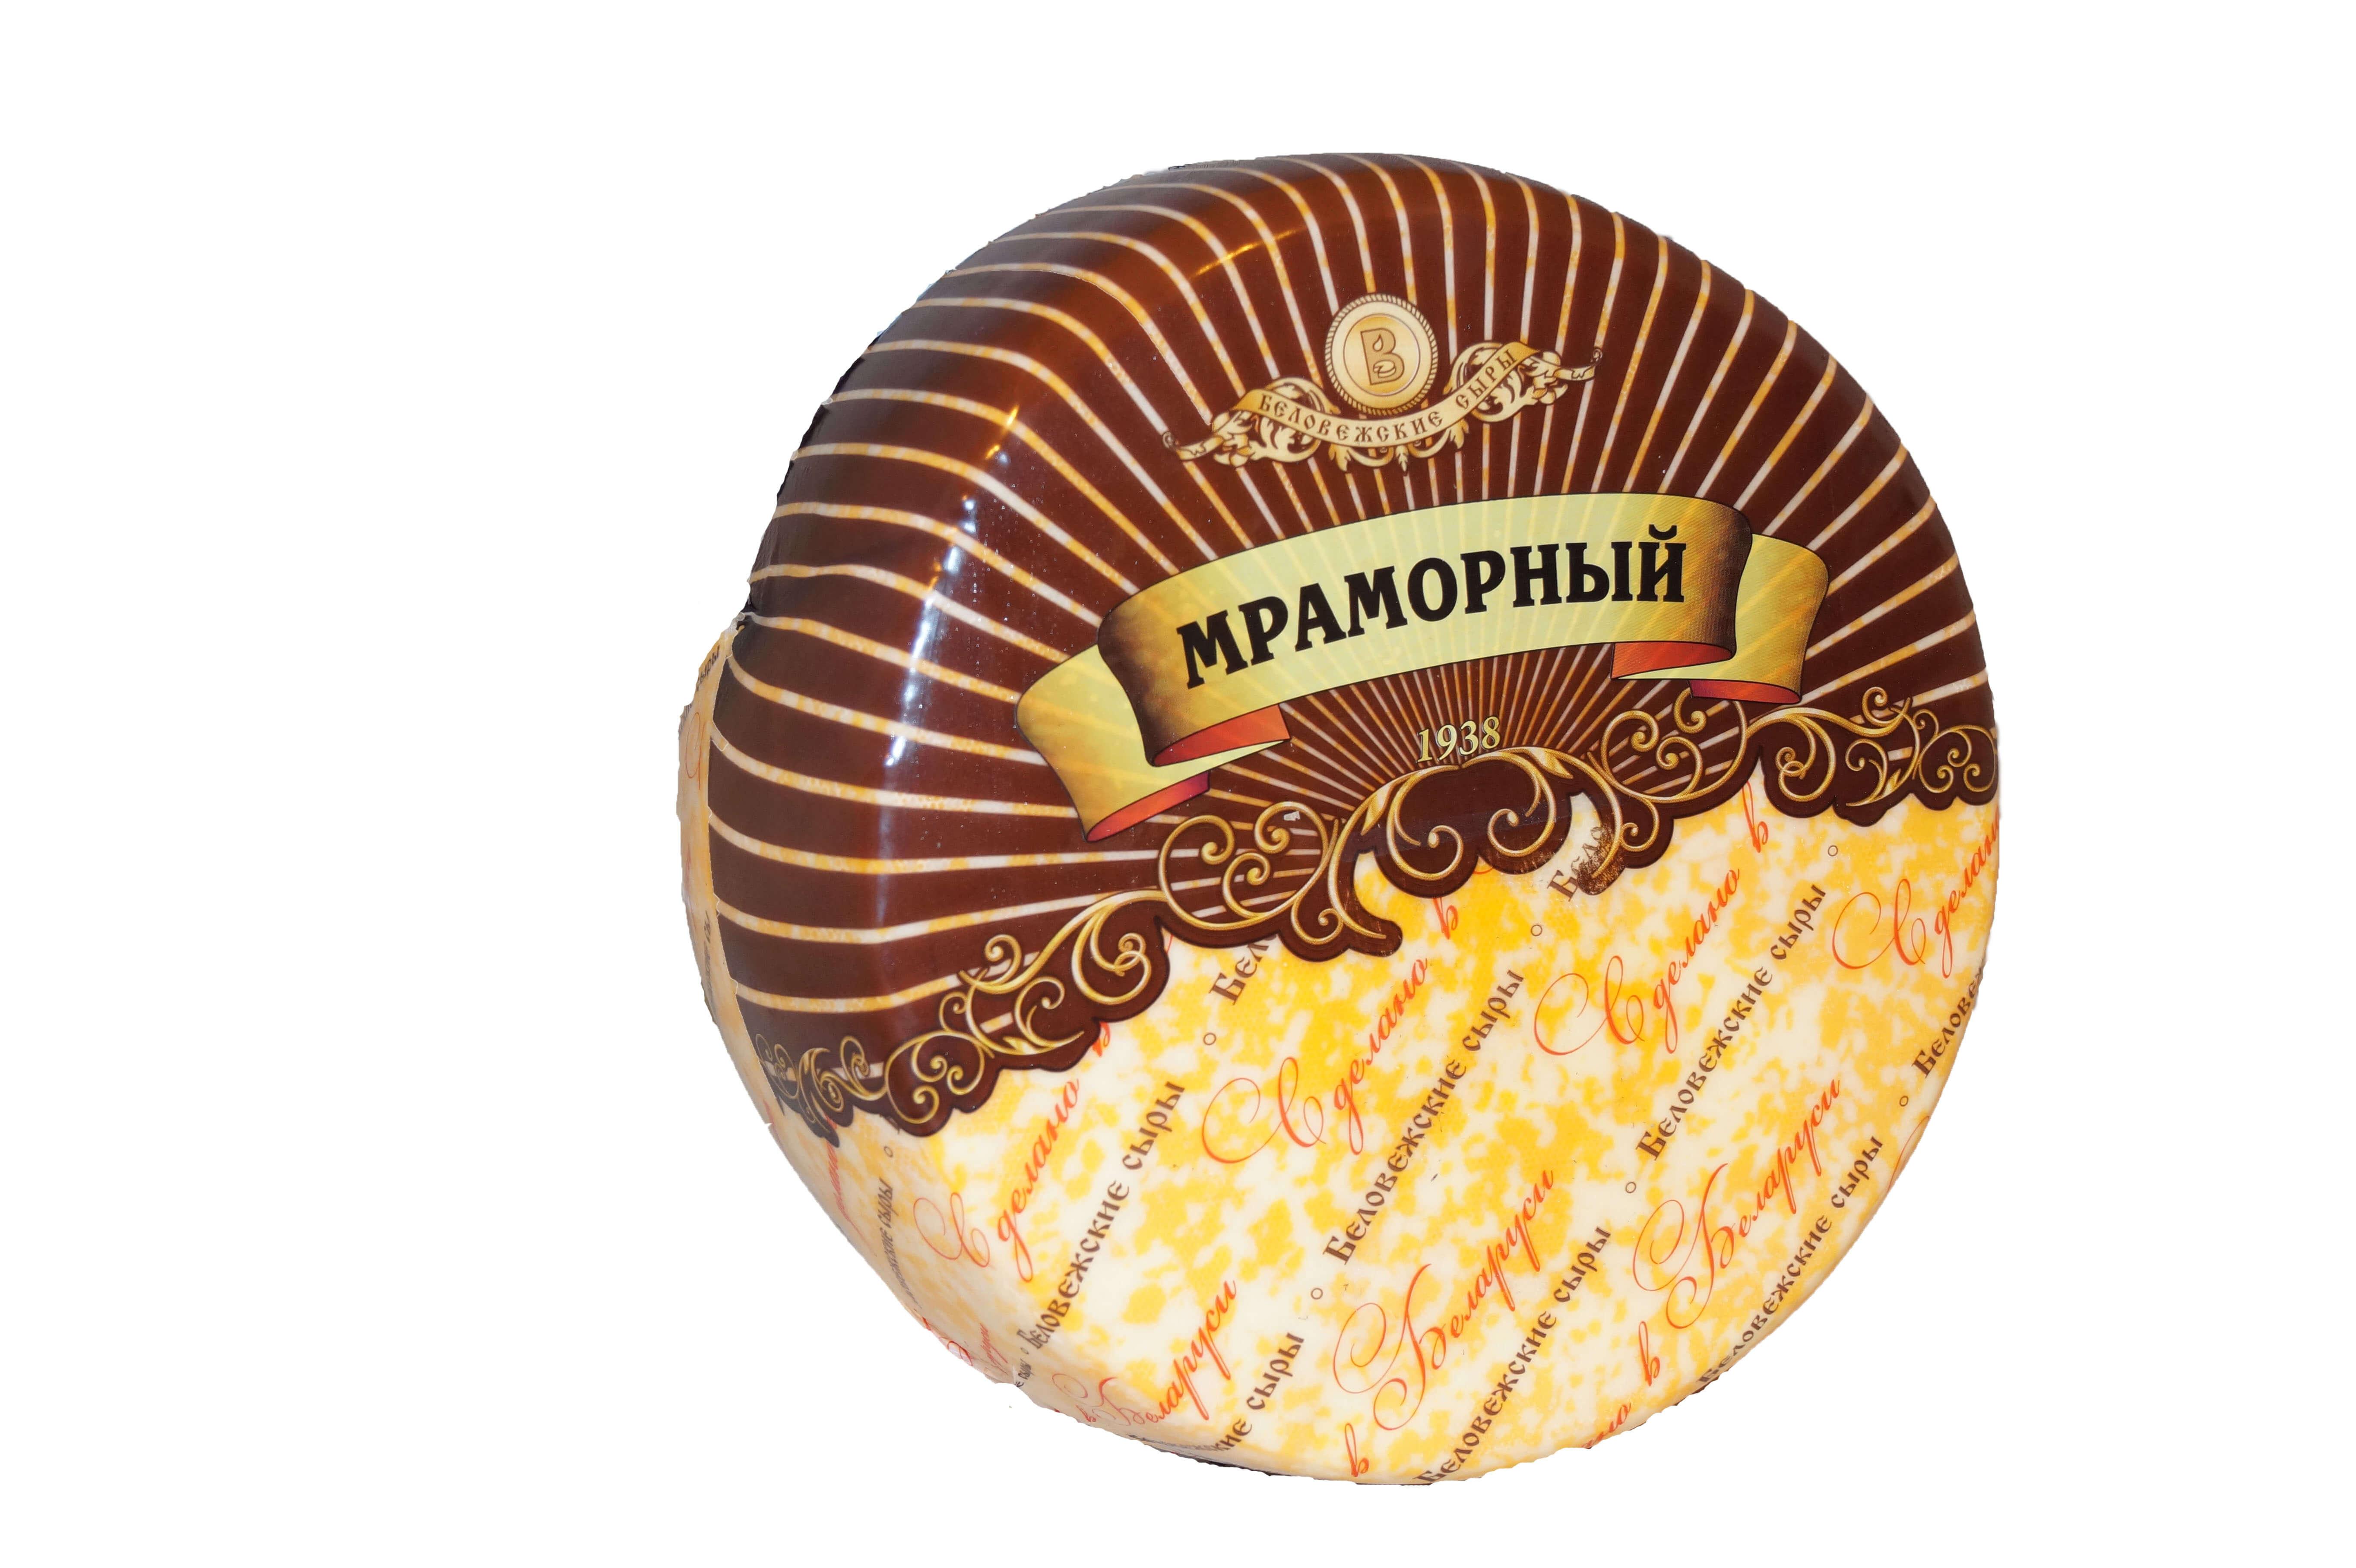 яяМраморный (Беловежские сыры) круг